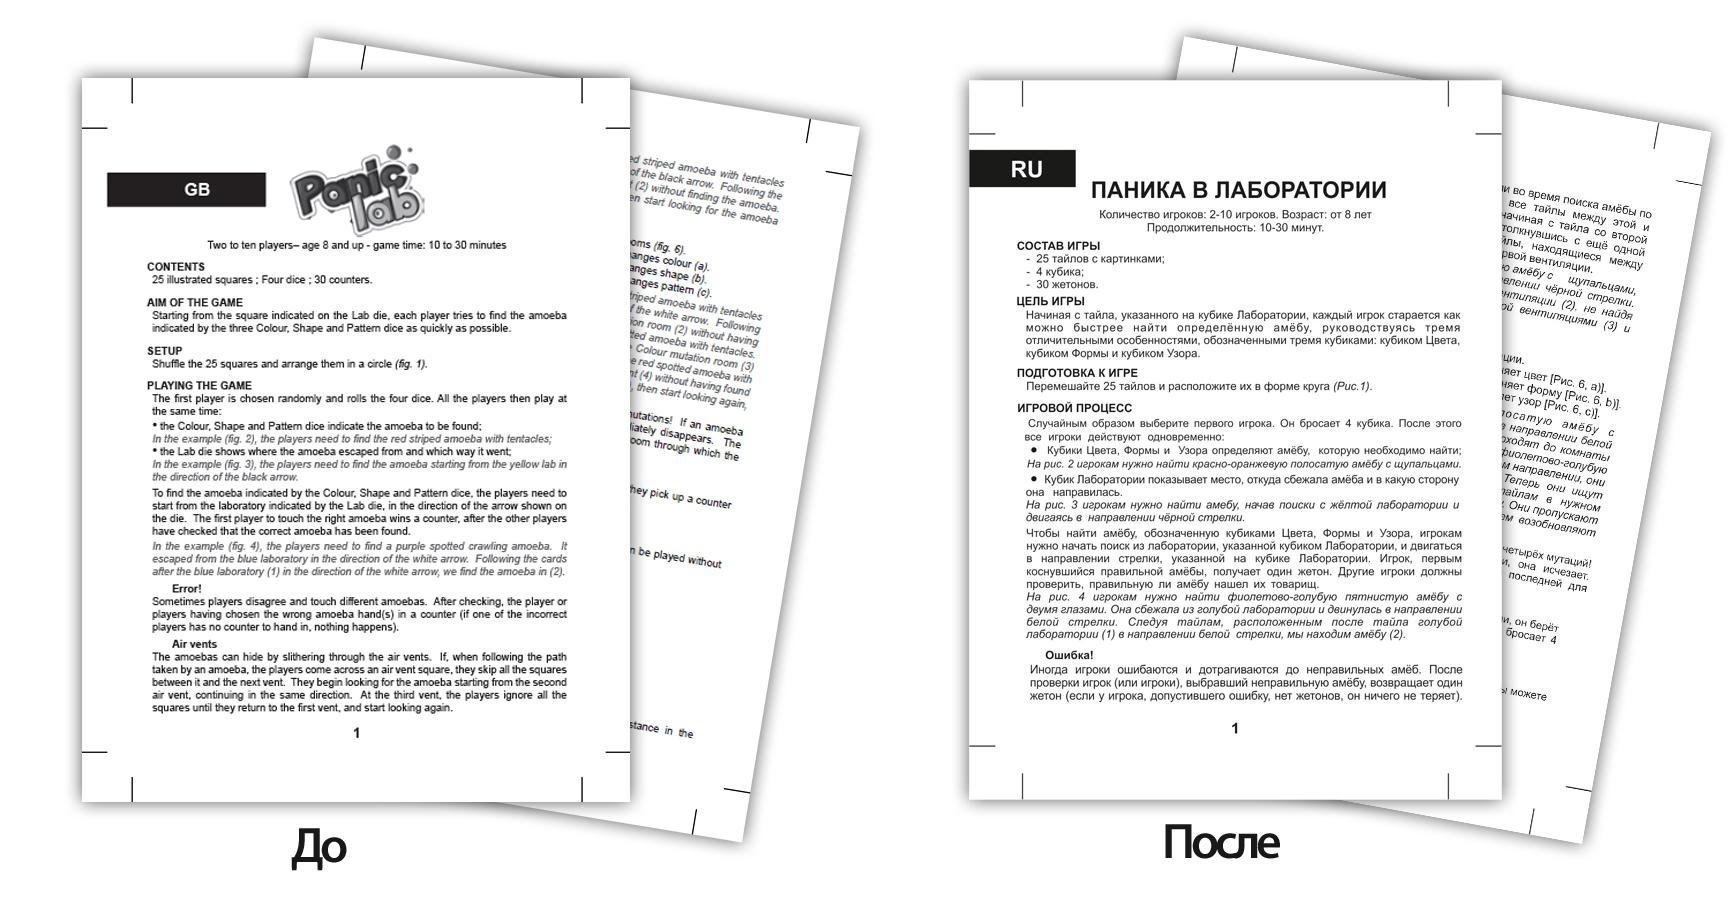 Полиграфическая верстка инструкции правил для игры Паника в лаборатории